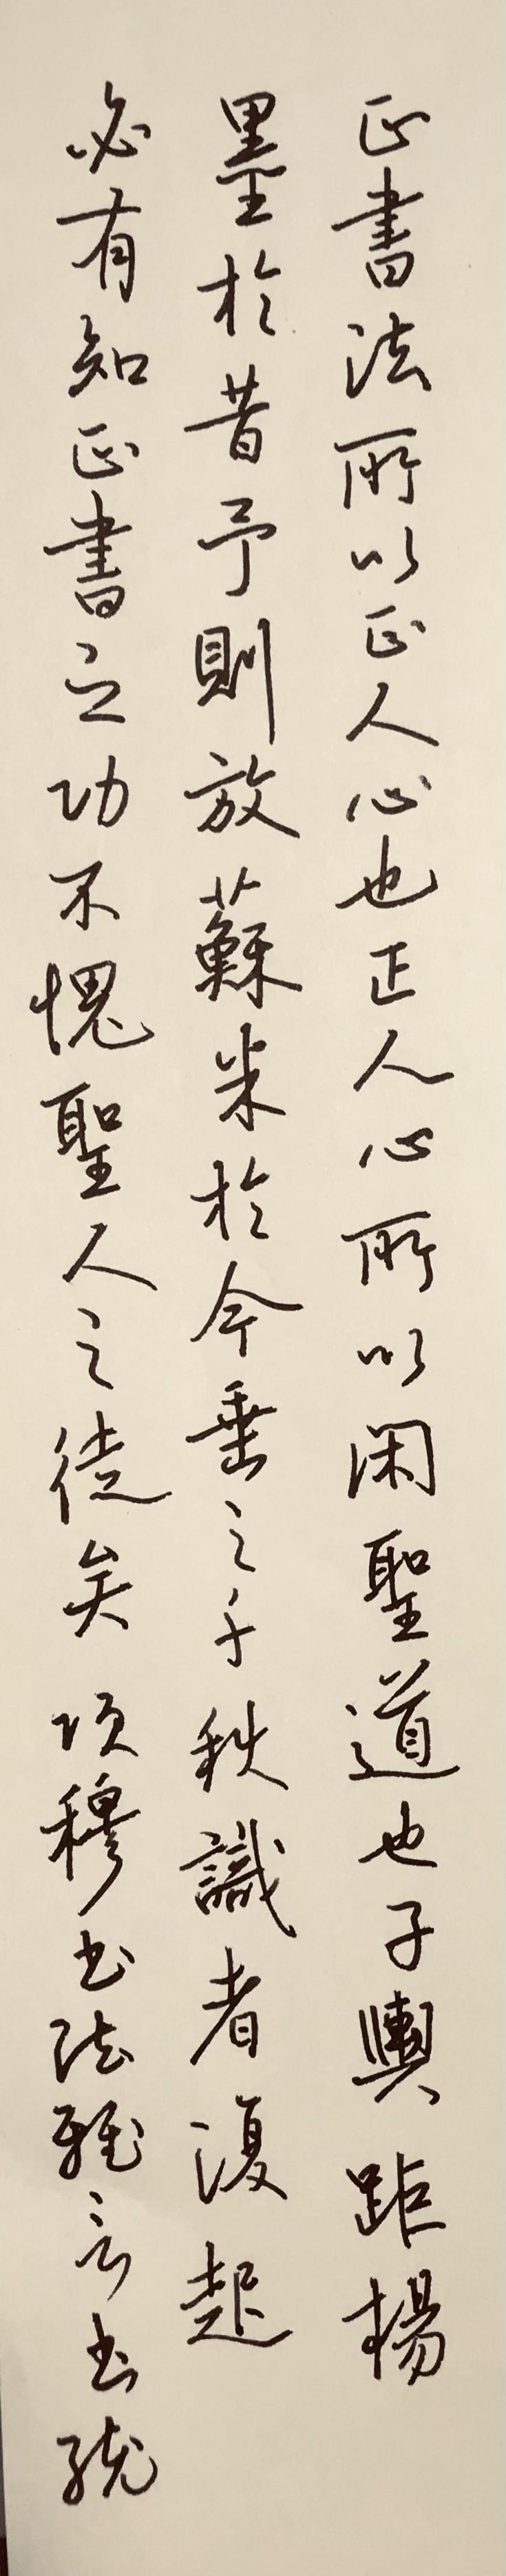 钢笔字练字打卡20201013-15